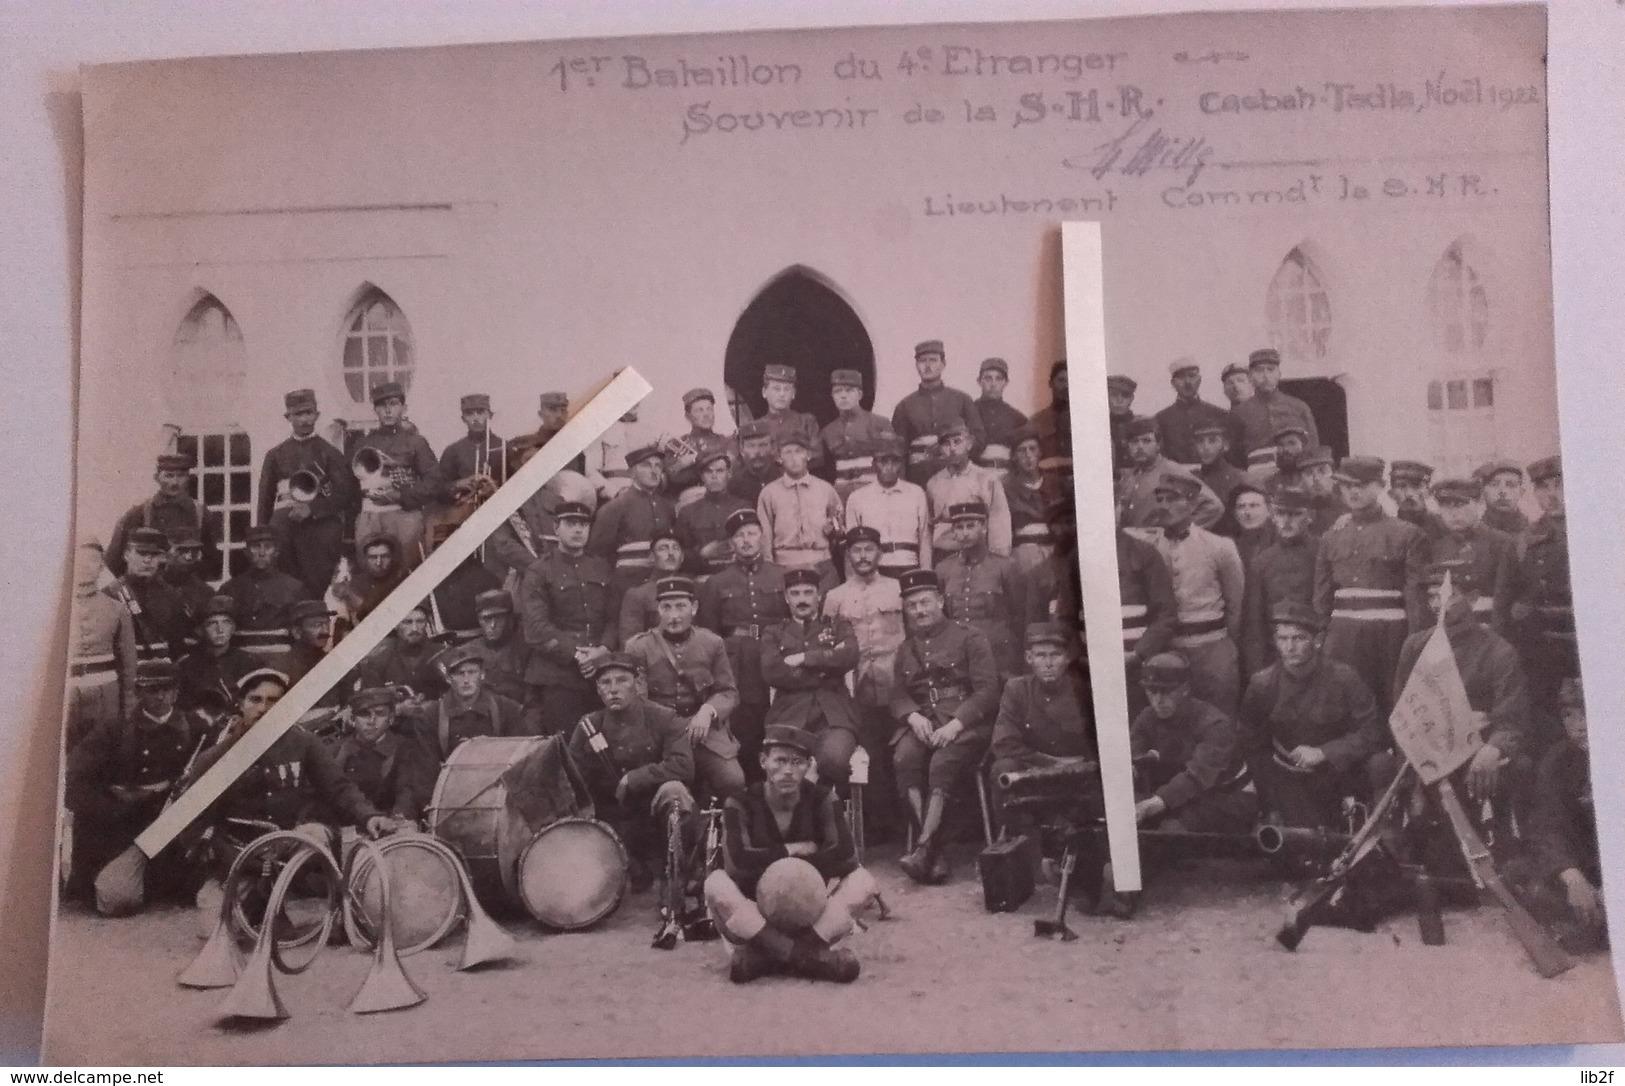 1922 Légion étrangère 4 Eme Régiment 1e Bataillon Shr/sea Tedla Maroc Clique Mortier Jouhandeau Delandre Canon 37 MM - War, Military